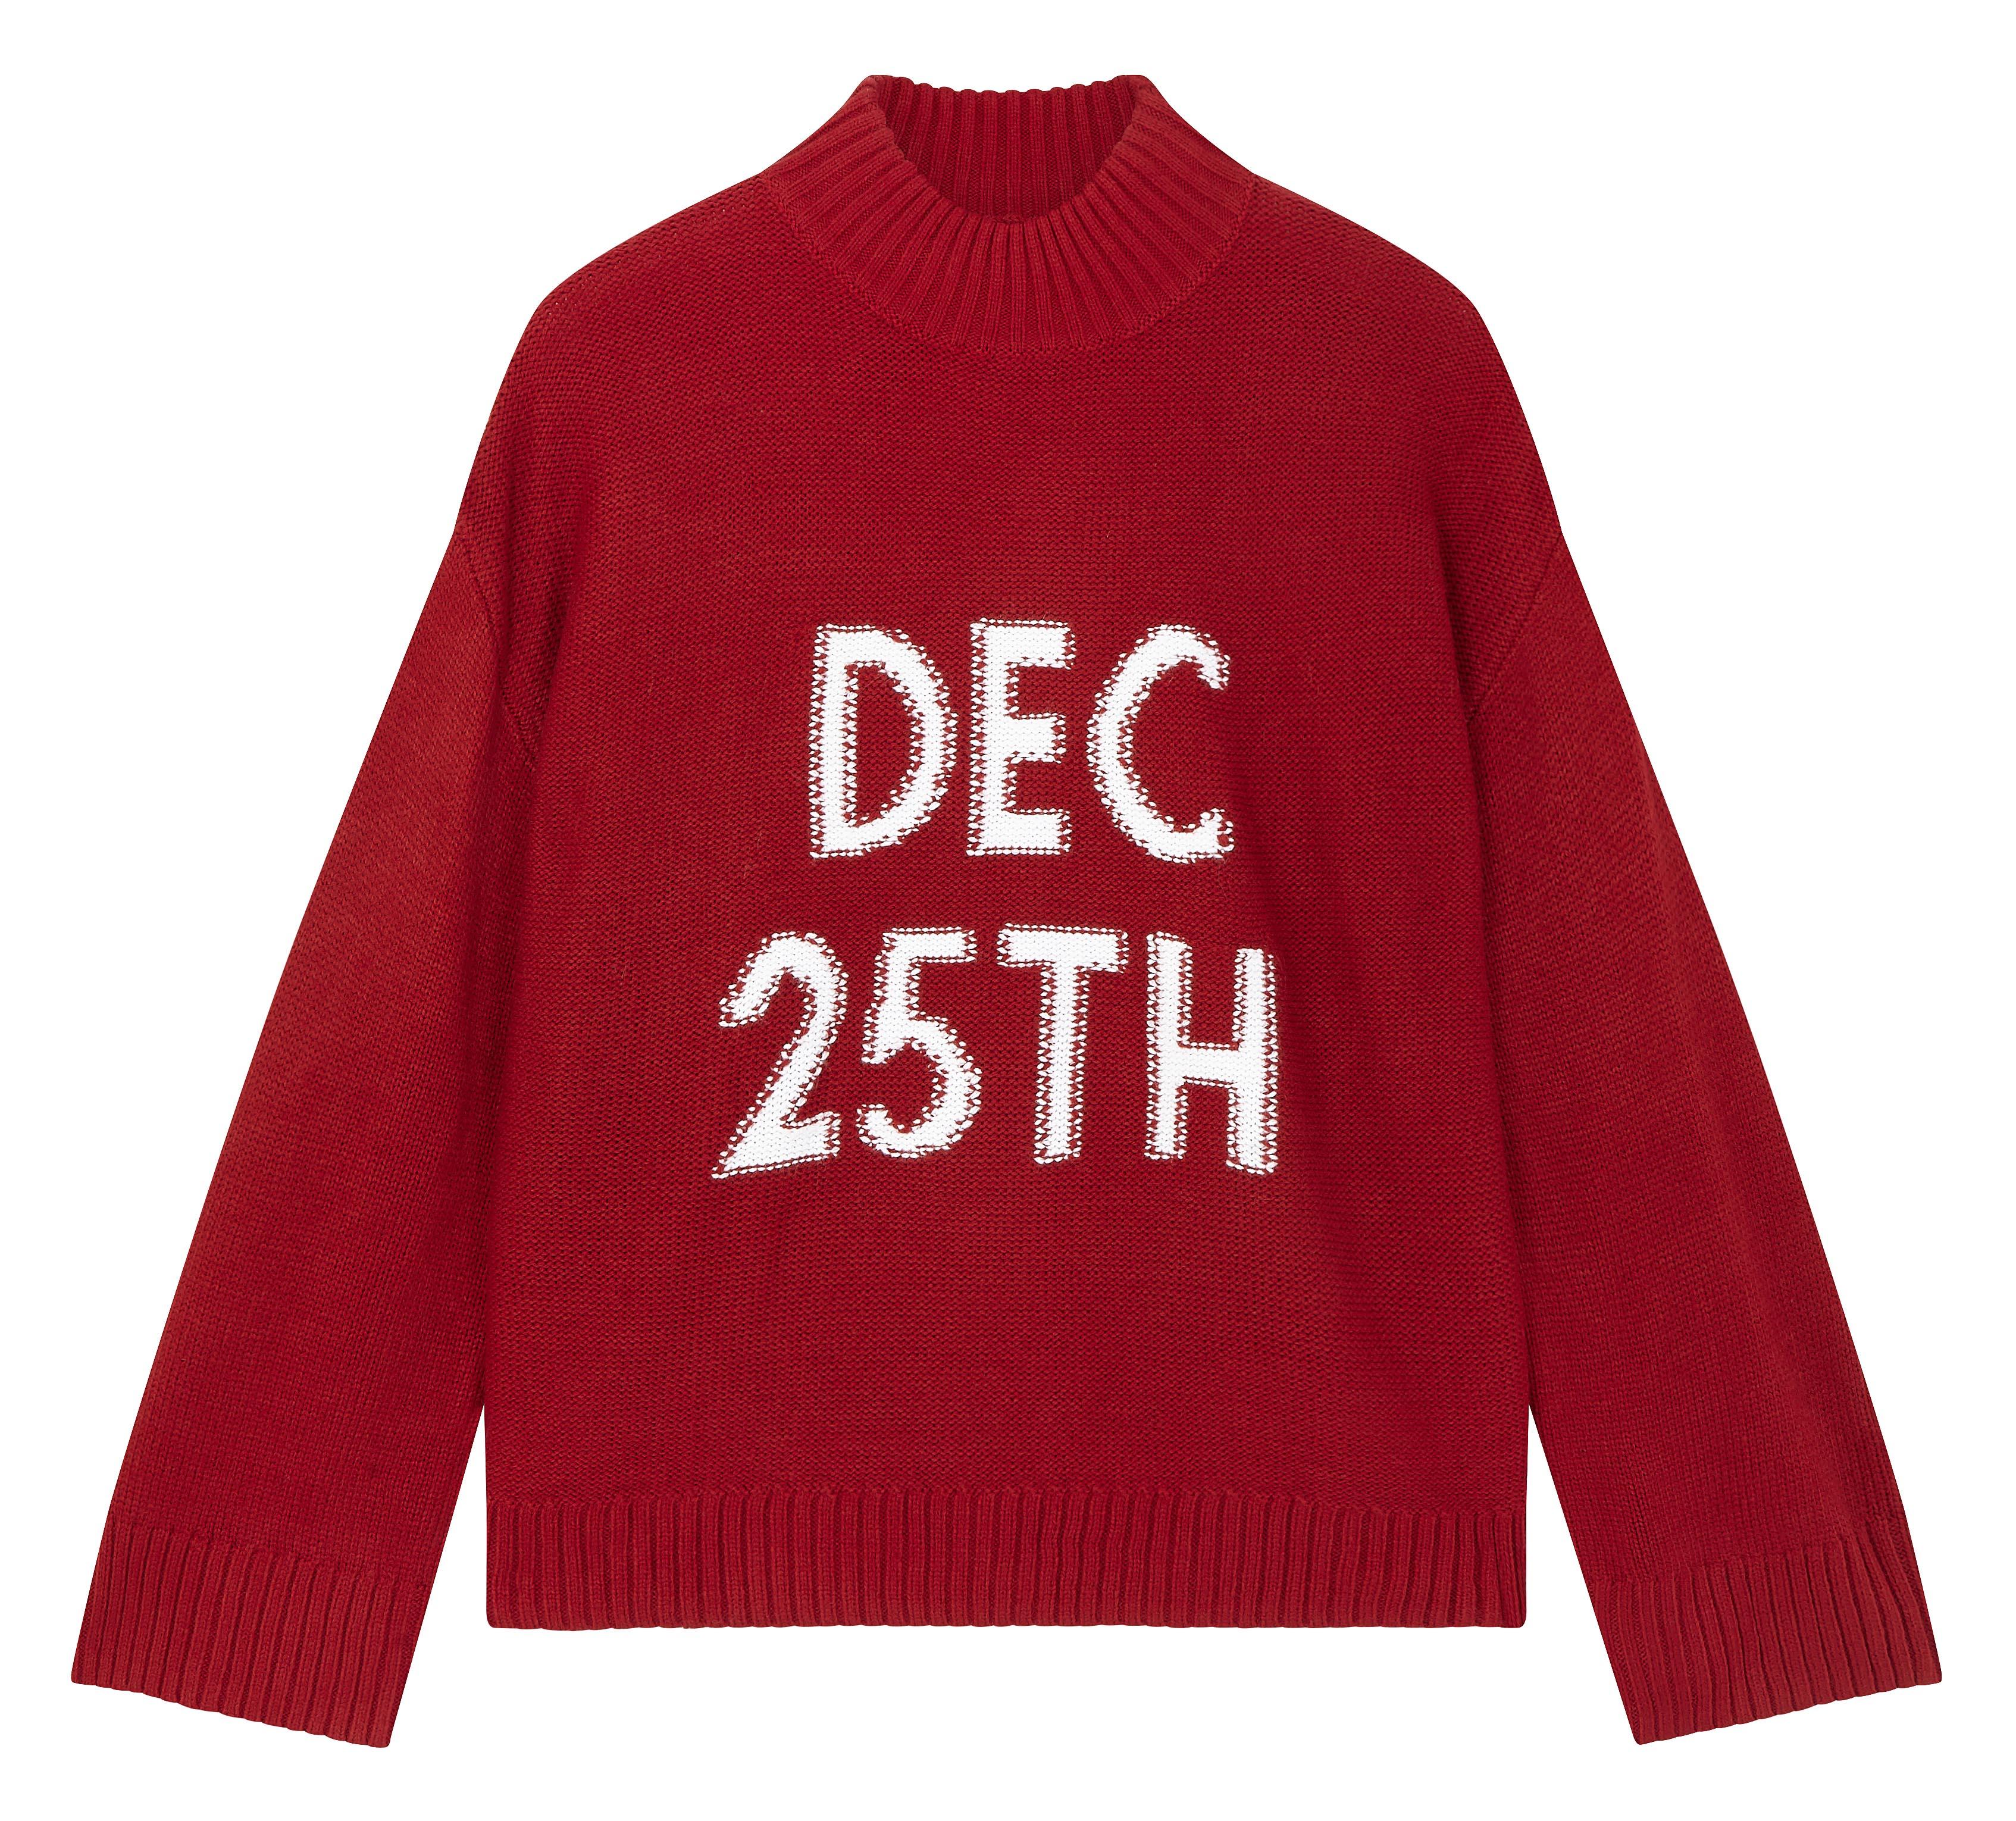 Jersey navideño rojo de corte oversize con la fecha DEC 25th